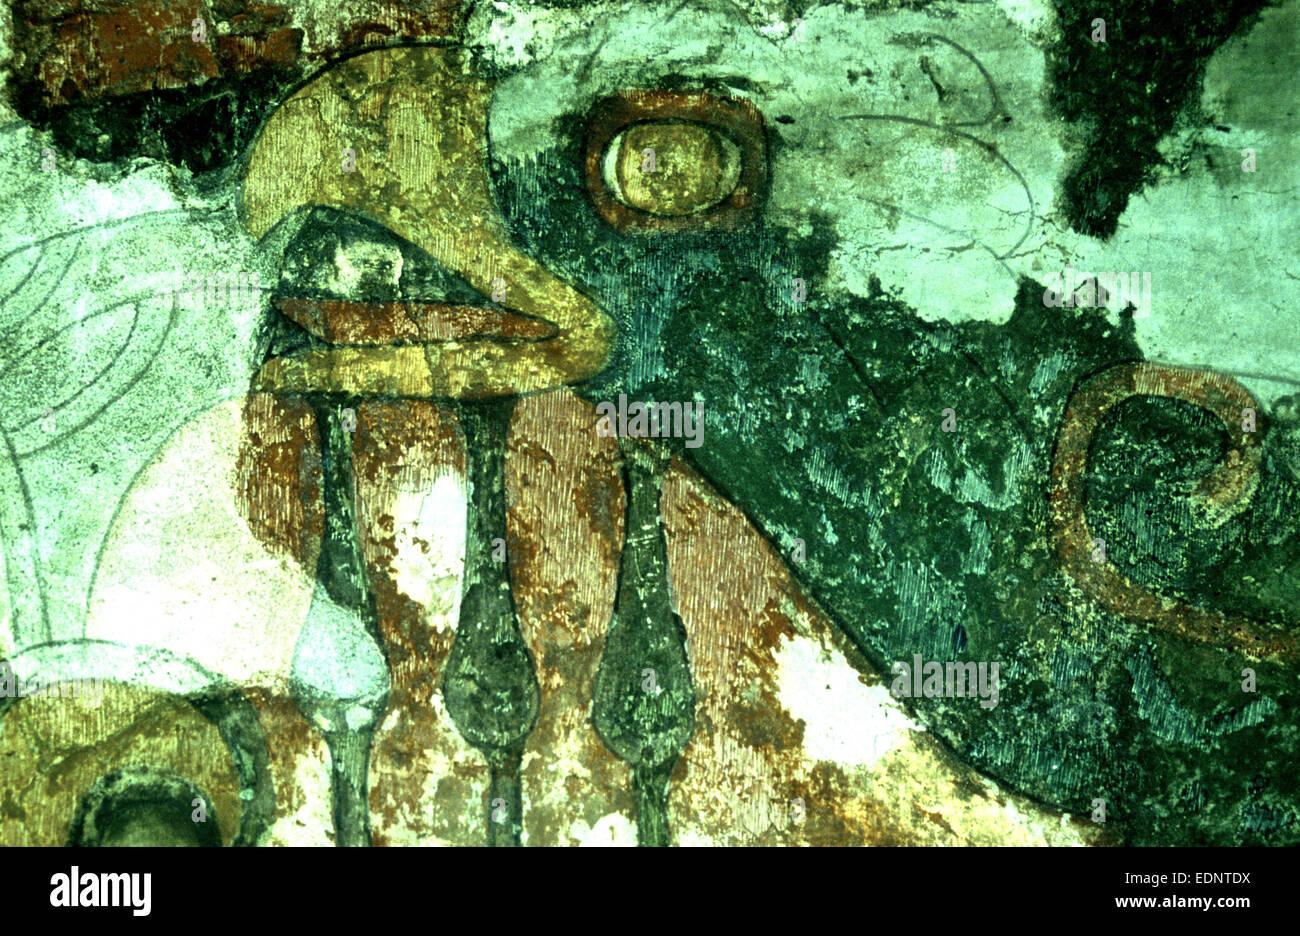 Der Eagle-Gott auf einer Wandmalerei als Hiutzilopochtli auch bekannt als der Sonnengott in der aztekischen Kultur Stockbild